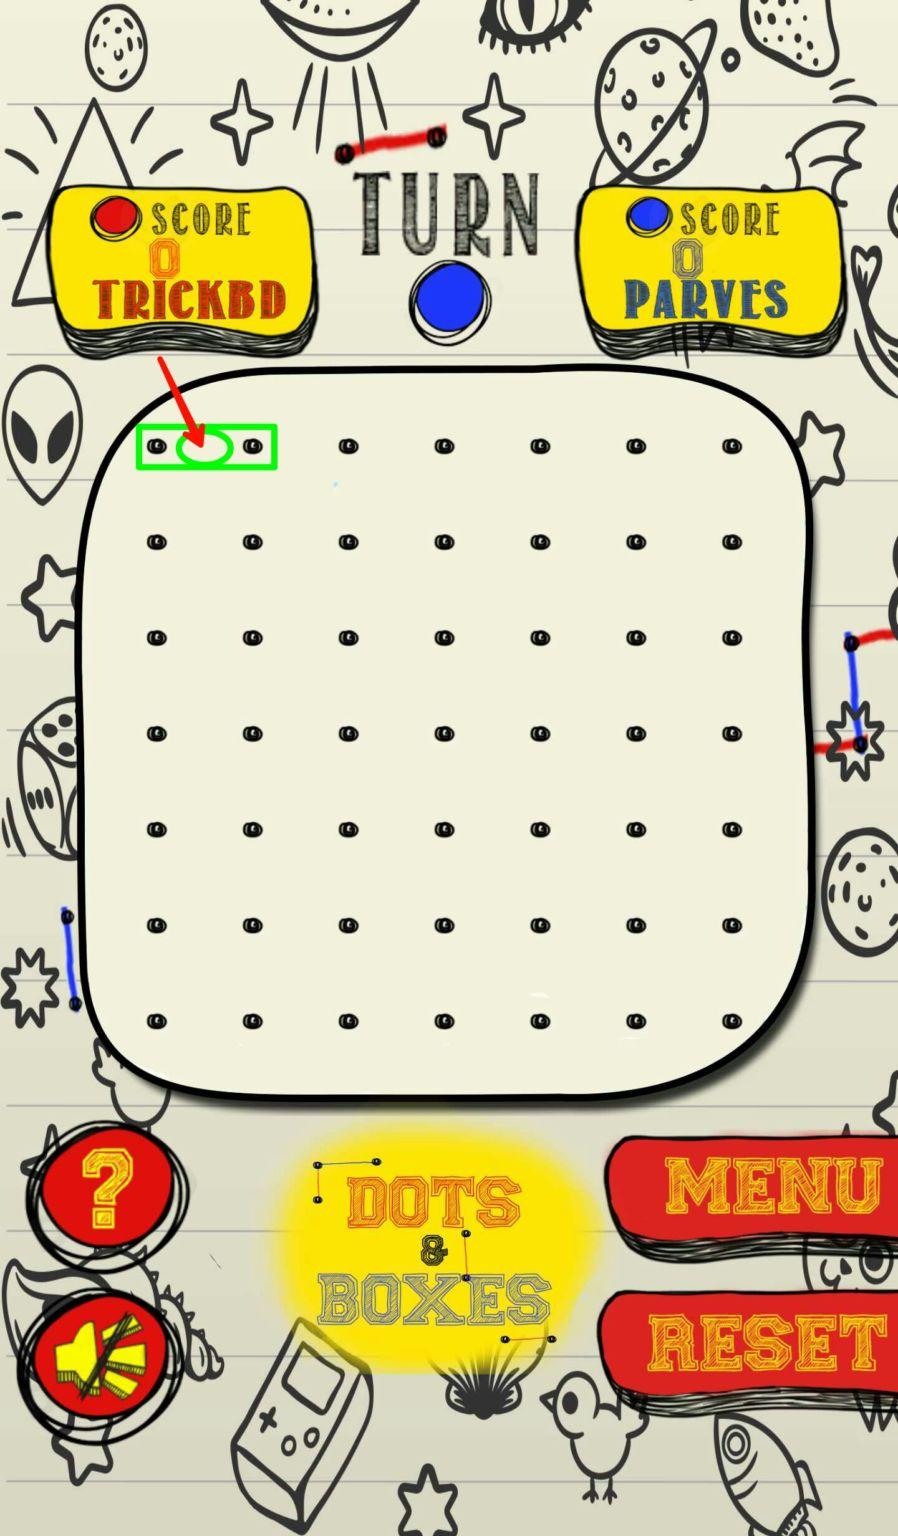 এখন আপনার ফোনেই খেলুন ছোটবেলায় খেলা Dots & Boxes Game..